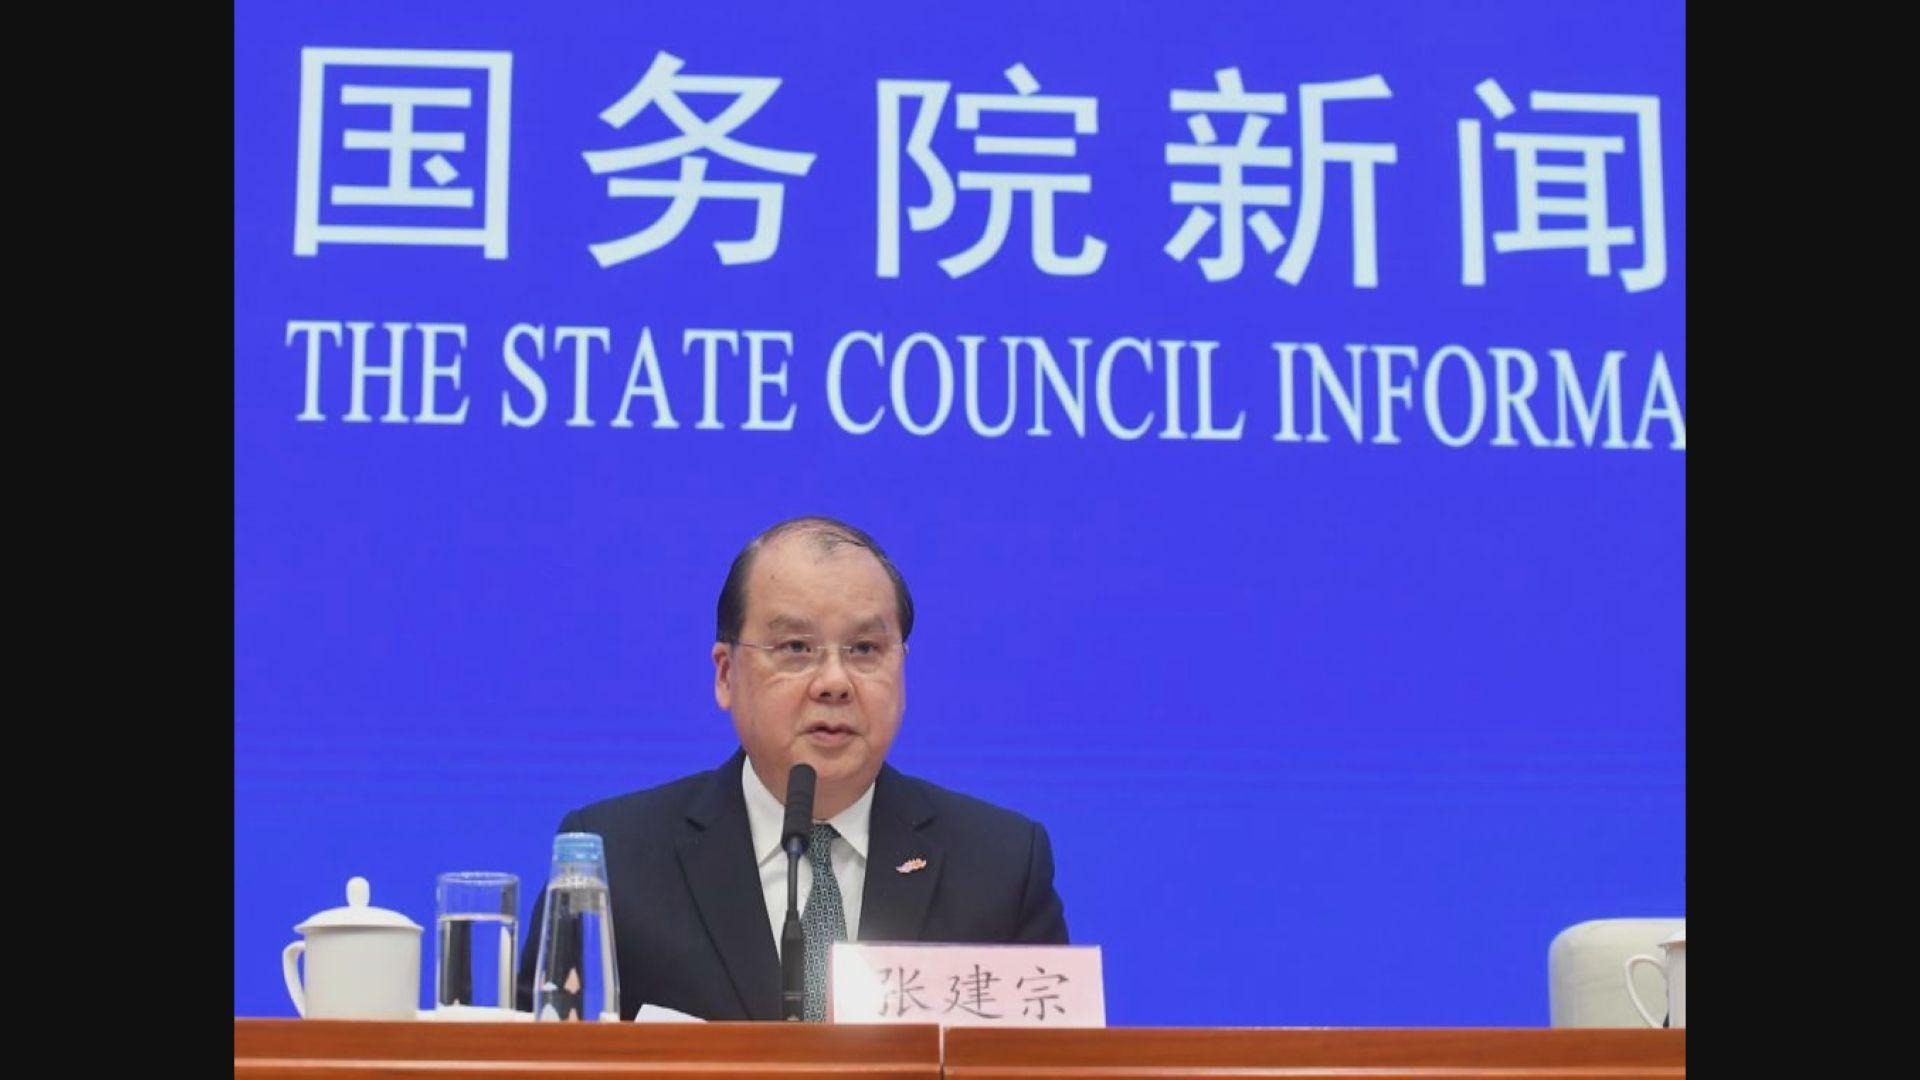 張建宗:大灣區規劃綱要有利長遠經濟發展